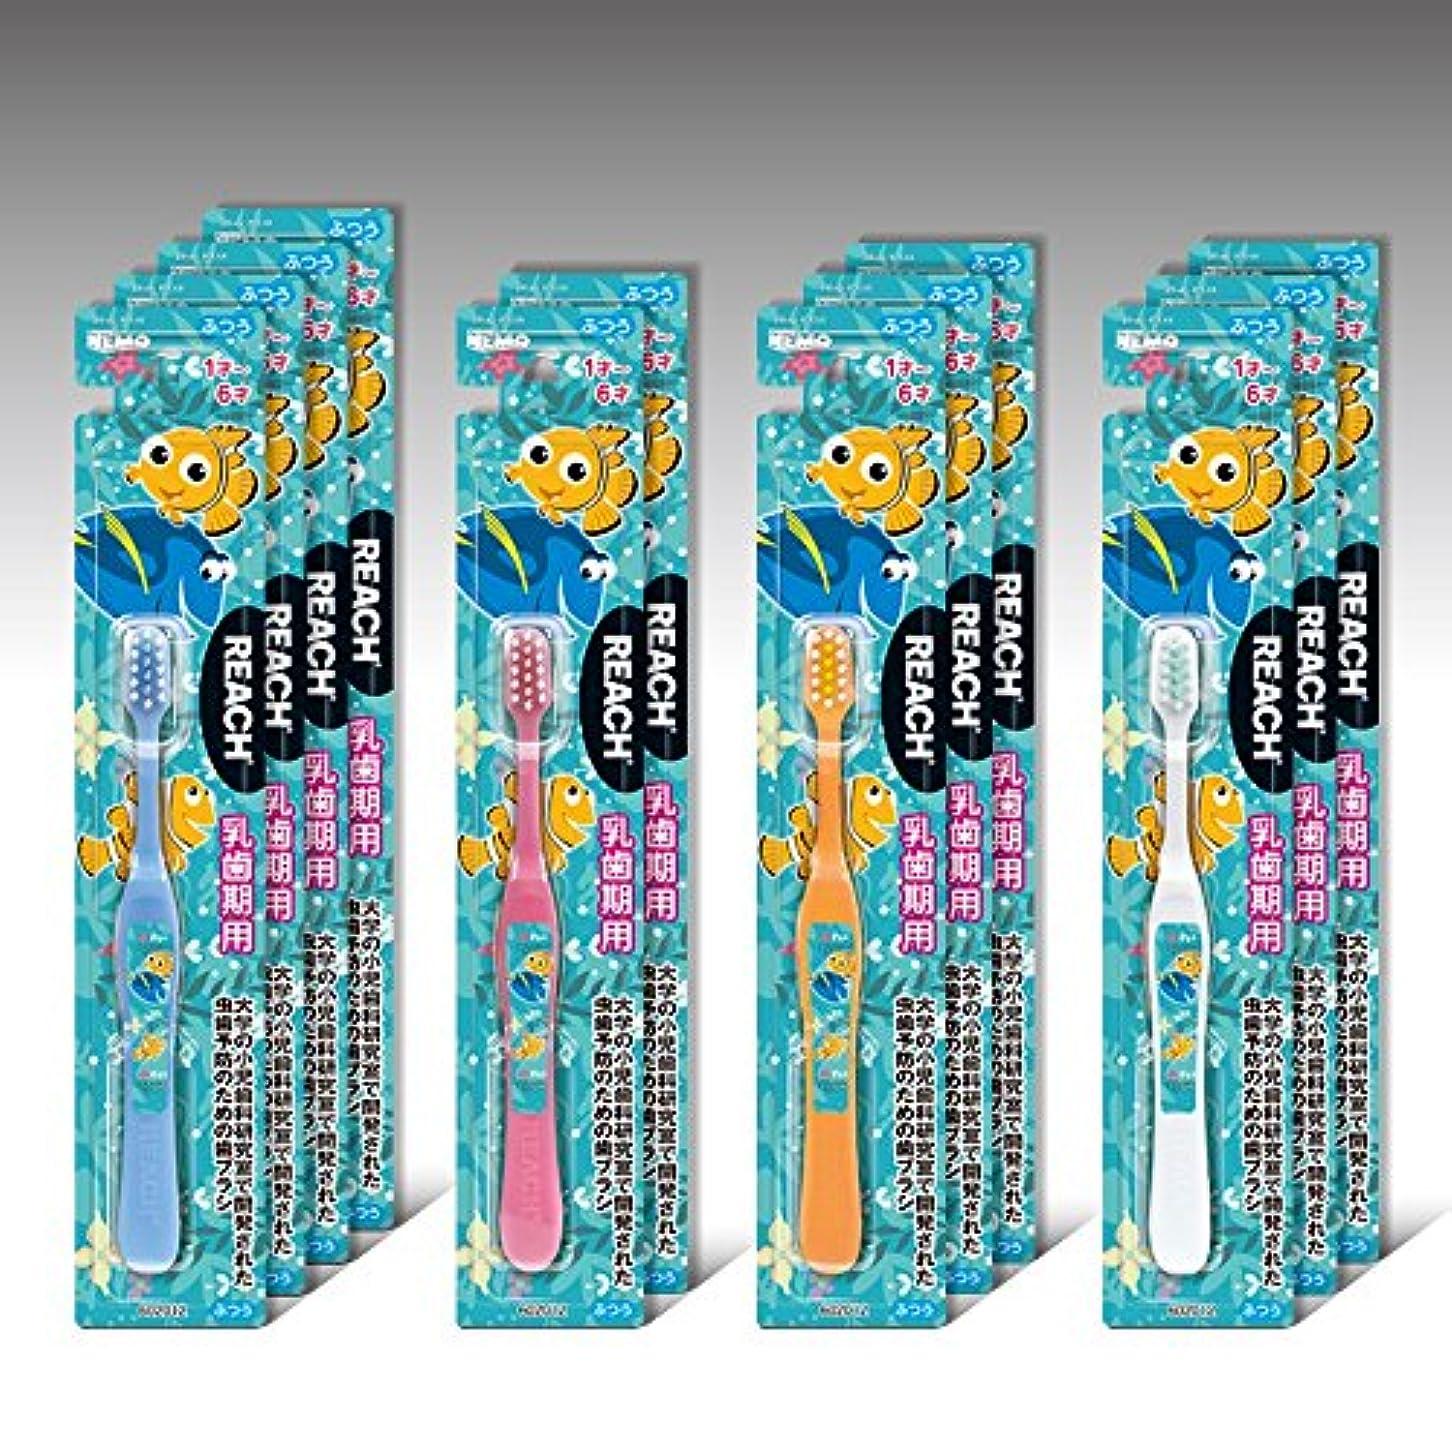 おもちゃ略語漫画リーチキッズ ディズニー ファインディング?ニモ 乳歯期用(1~6才) 12本セット